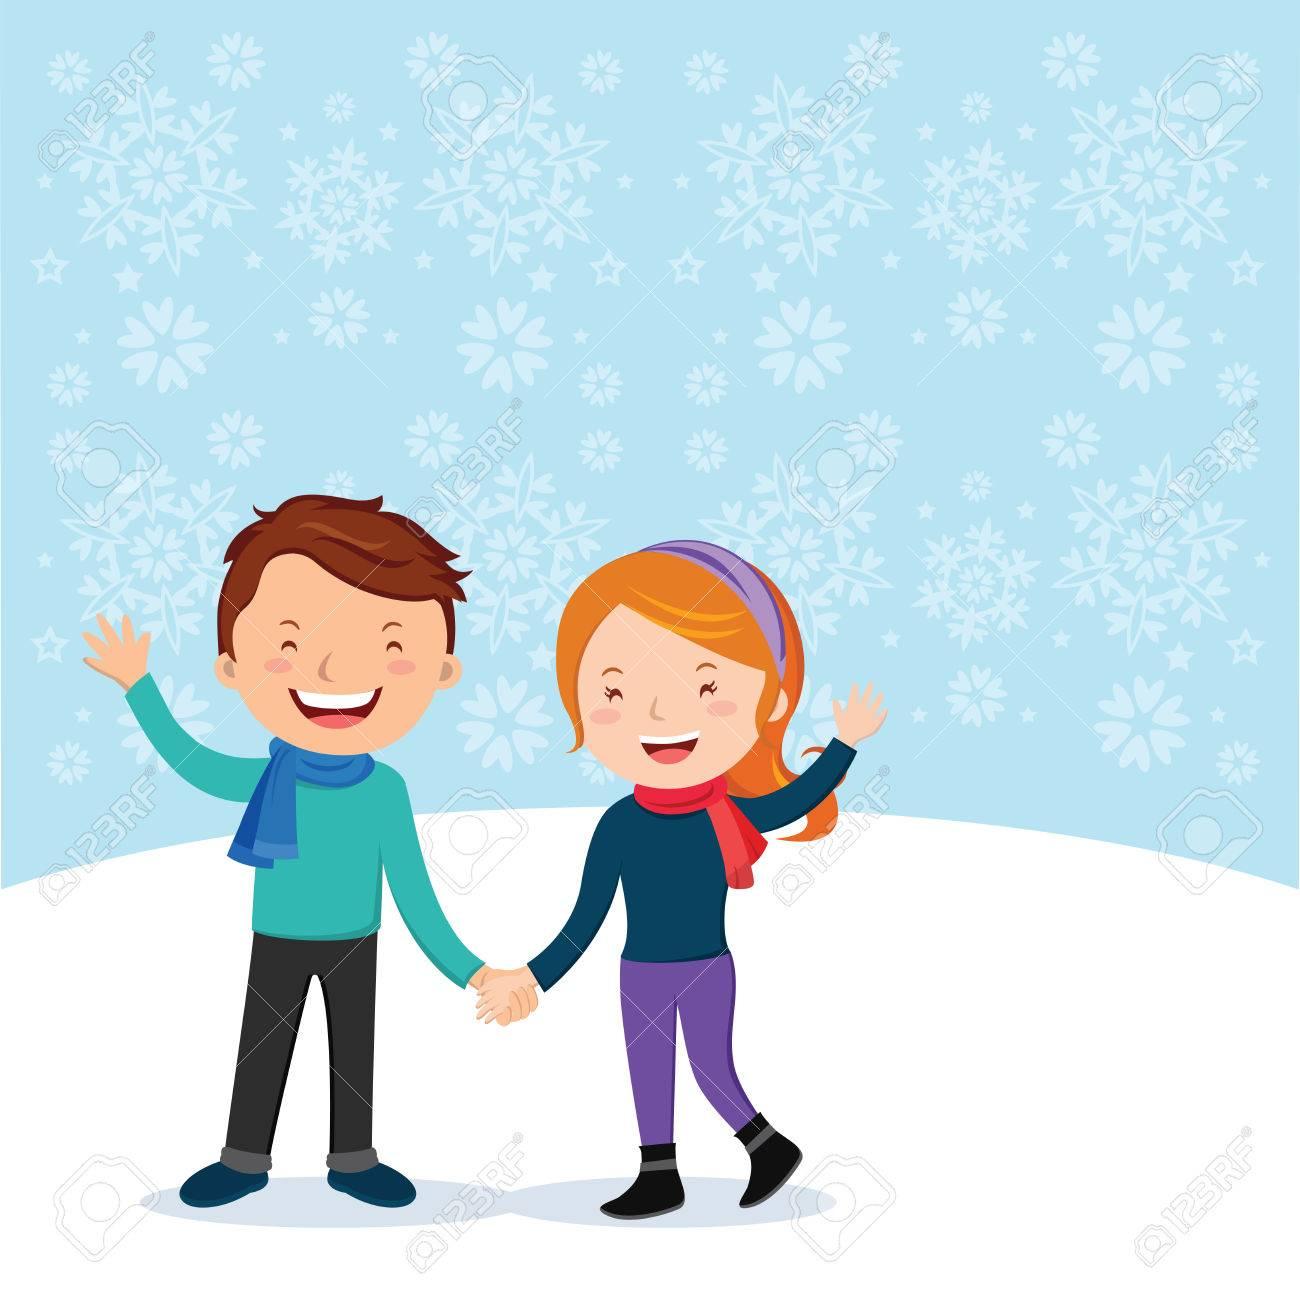 冬の楽しみ。陽気なカップルは身振りで示します。雪背景でジェスチャーの